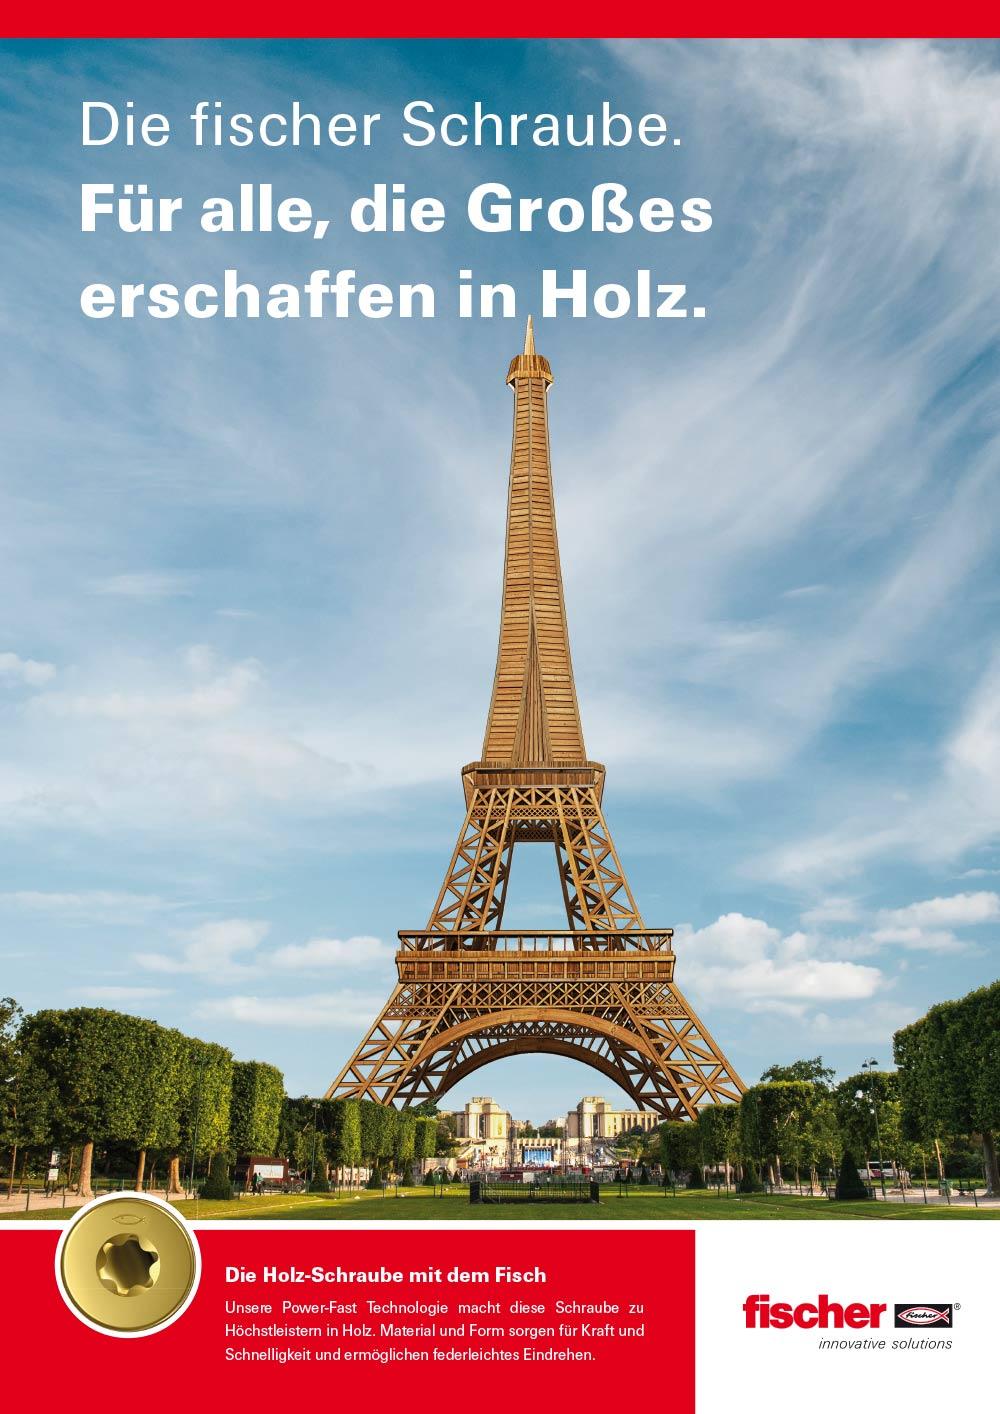 fischer_Holz_Schrauben_Anzeige_eiffelturm